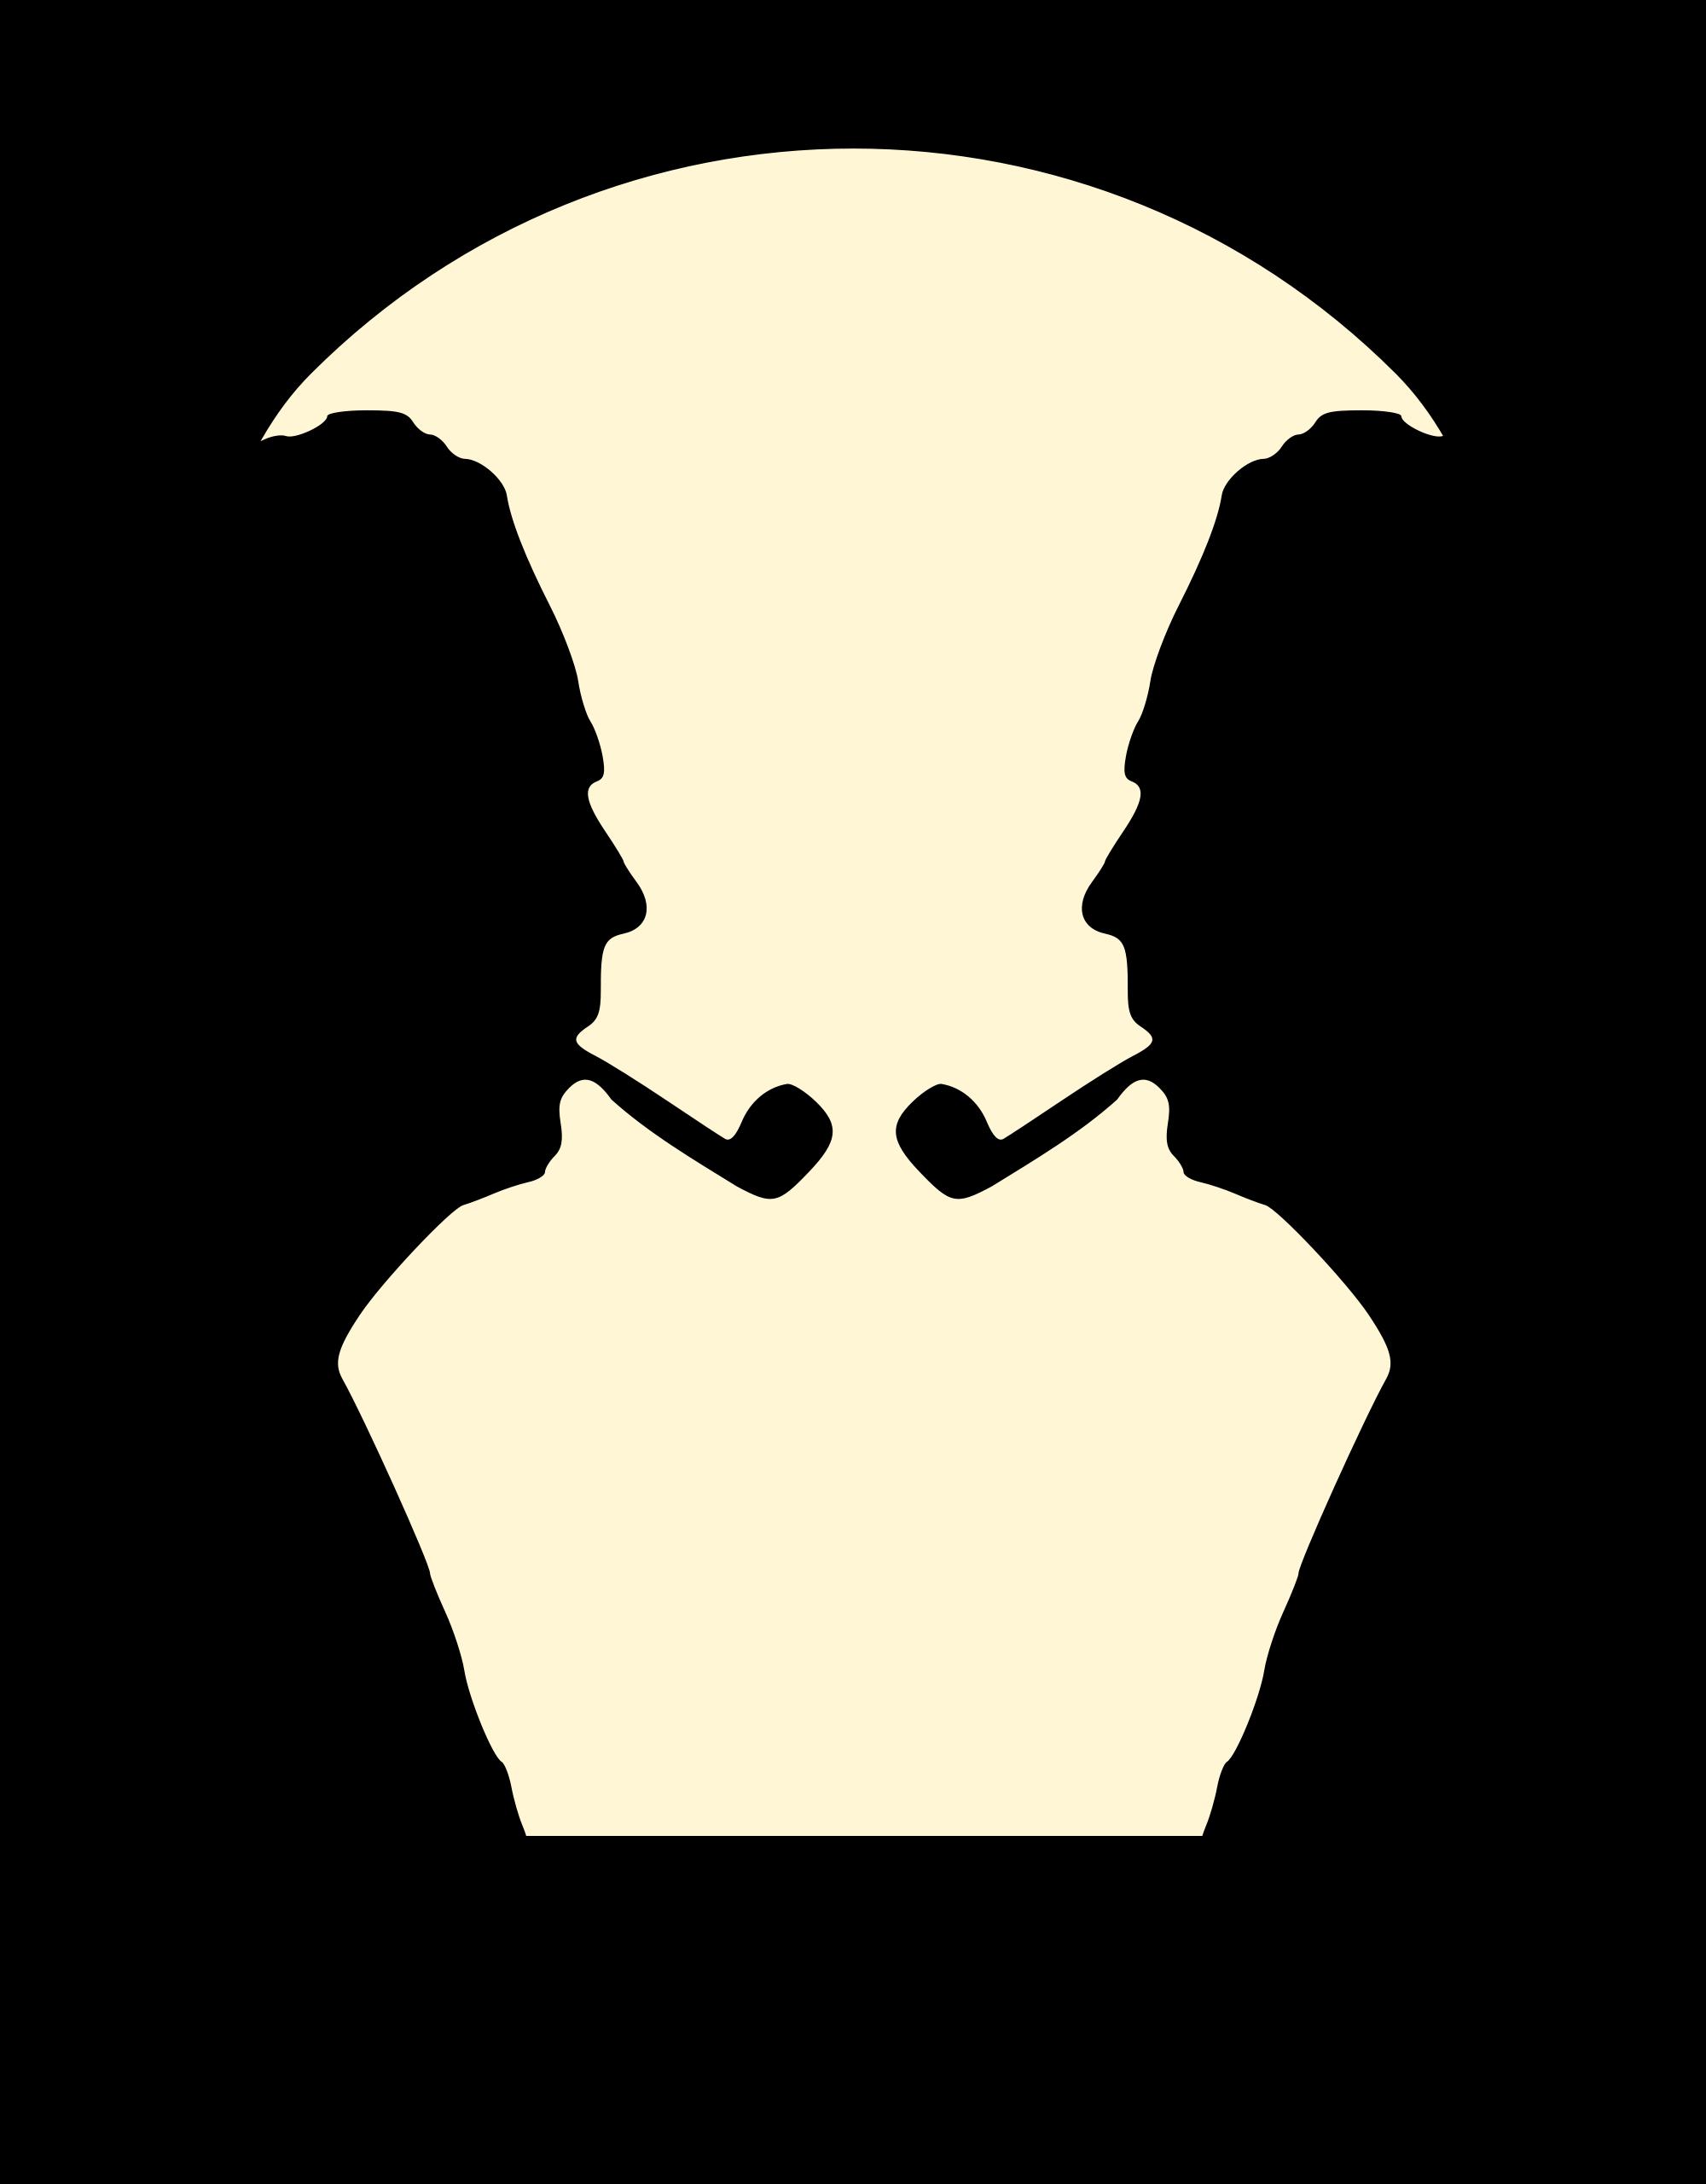 2000x2560 Filemr Pipo Face Or Vase.svg